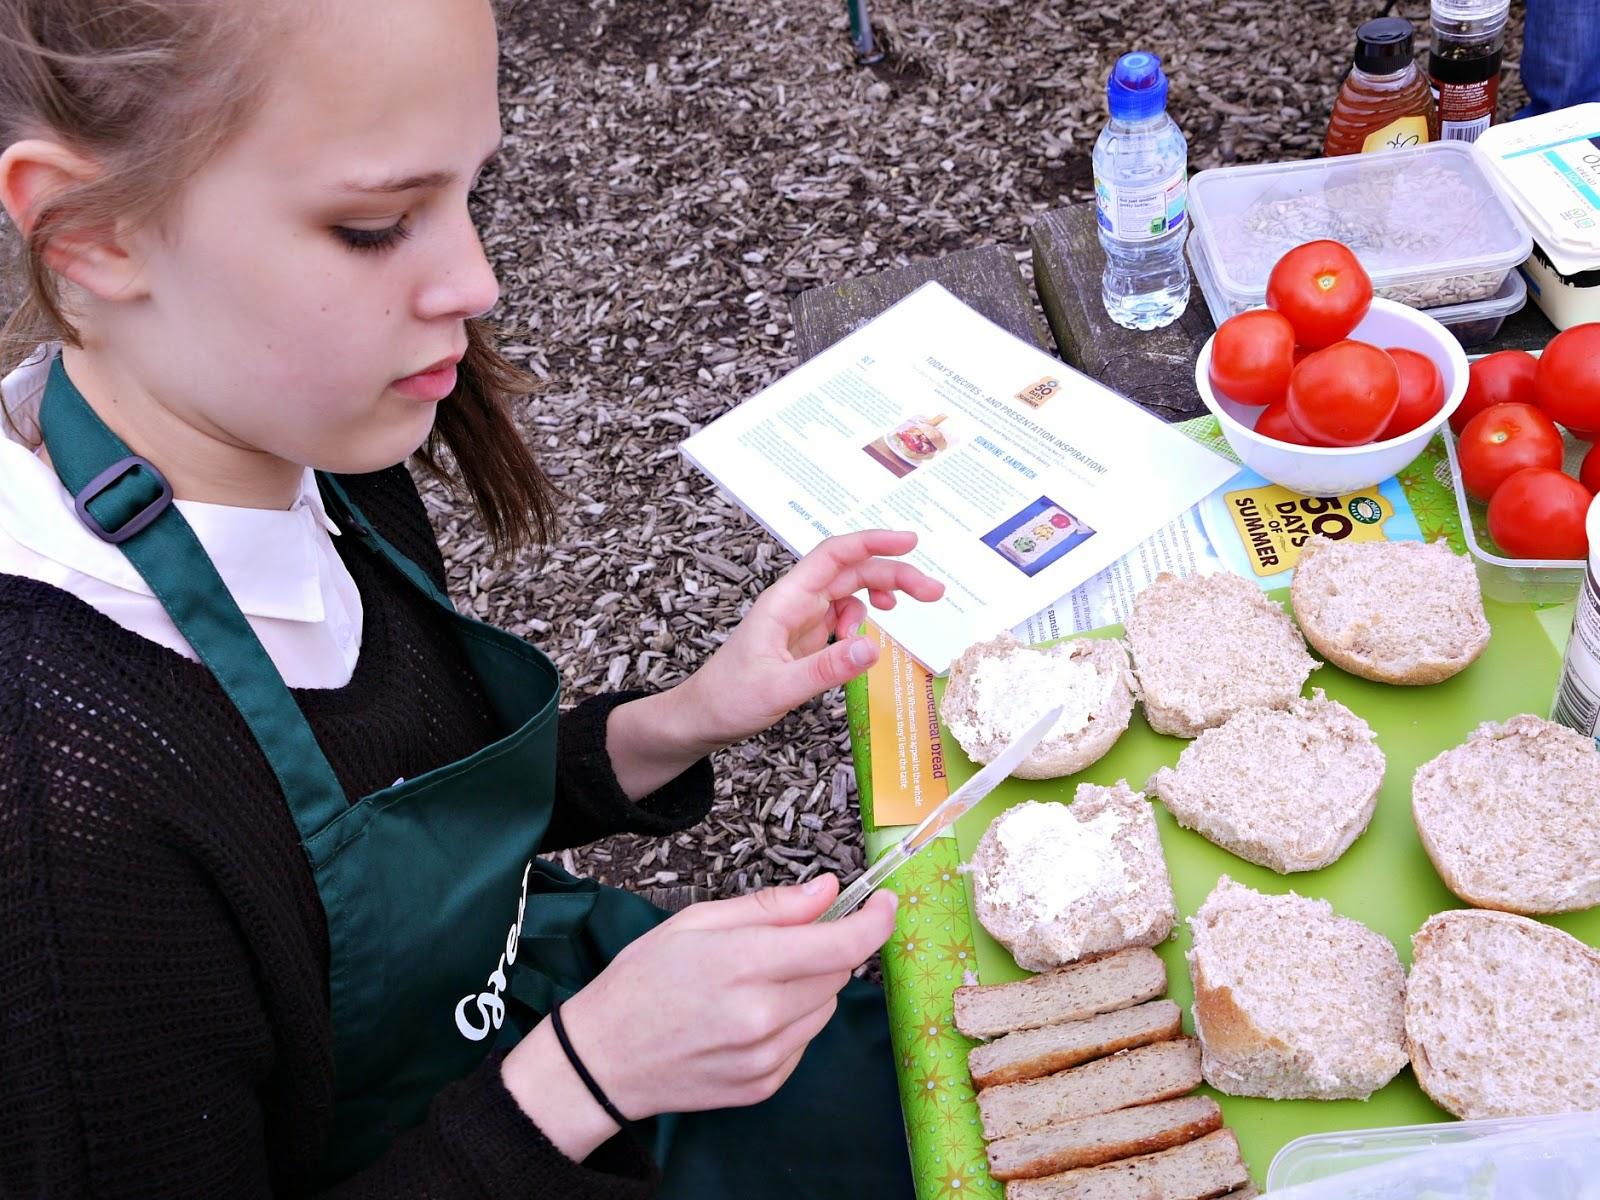 bread, picnic